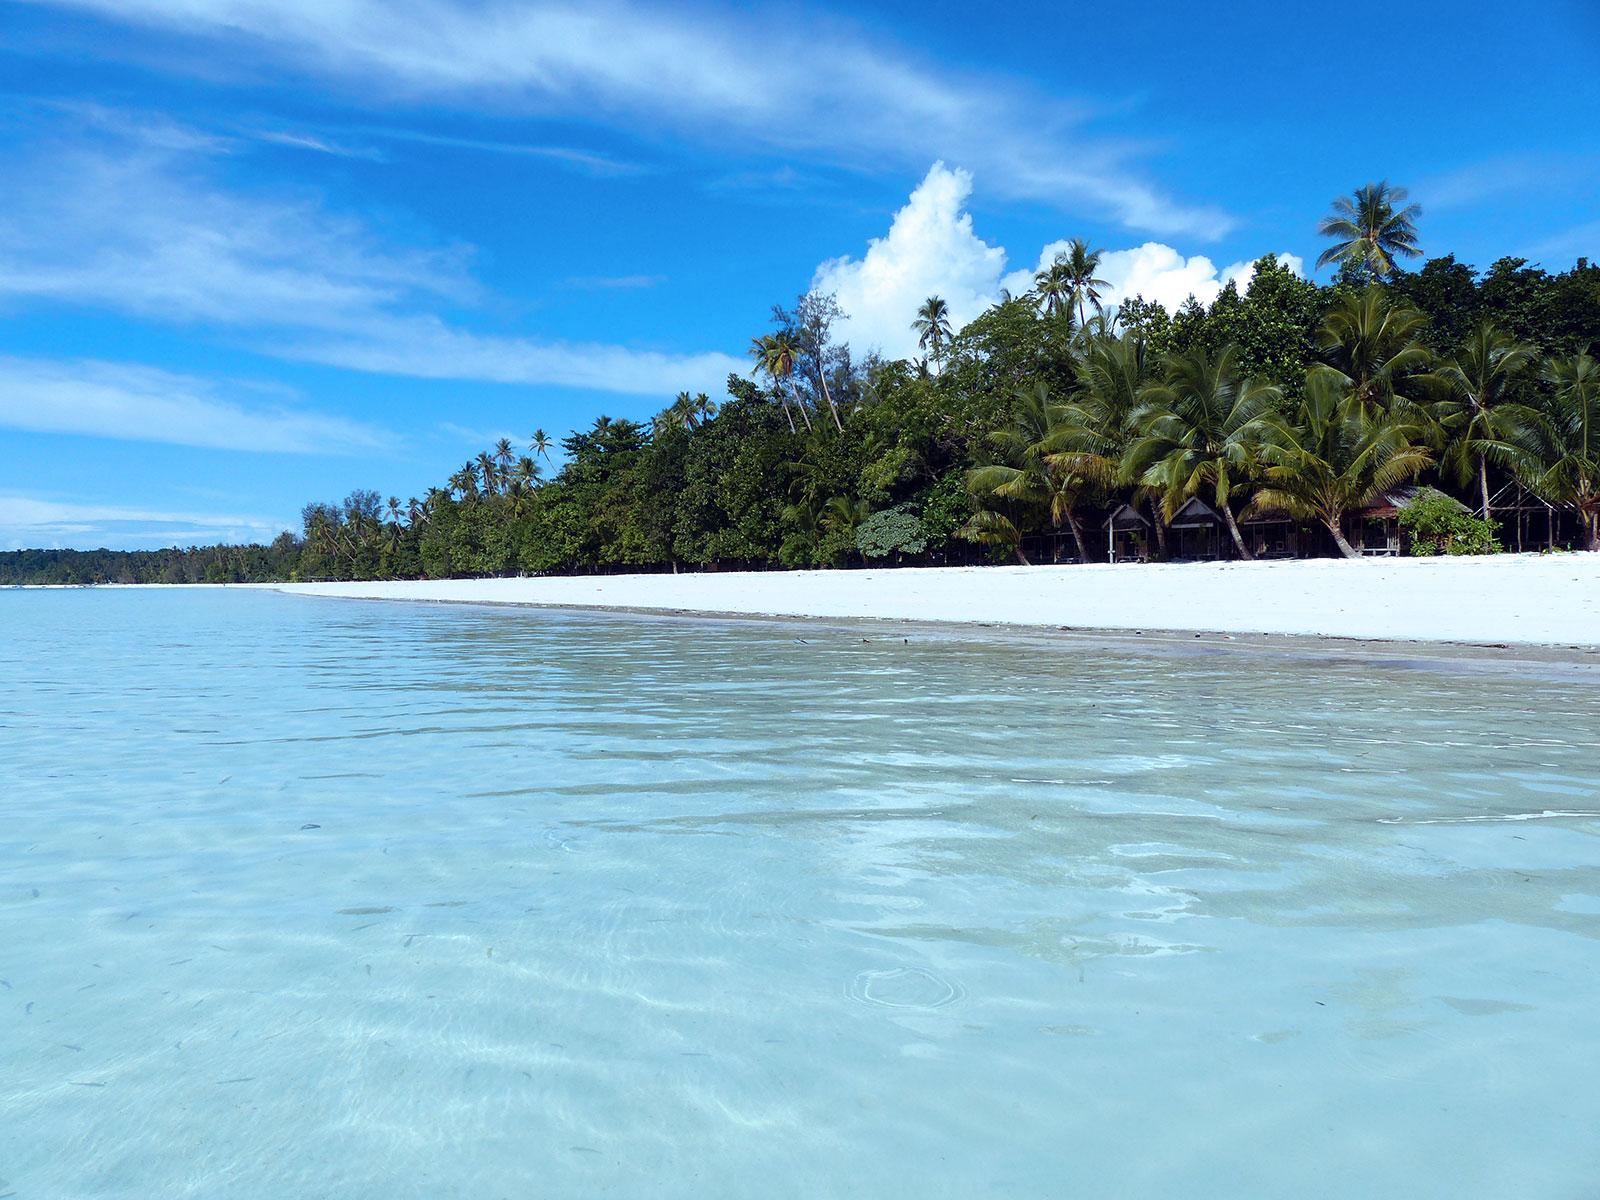 rondreis molukken kei eilanden hoogtepunt 24